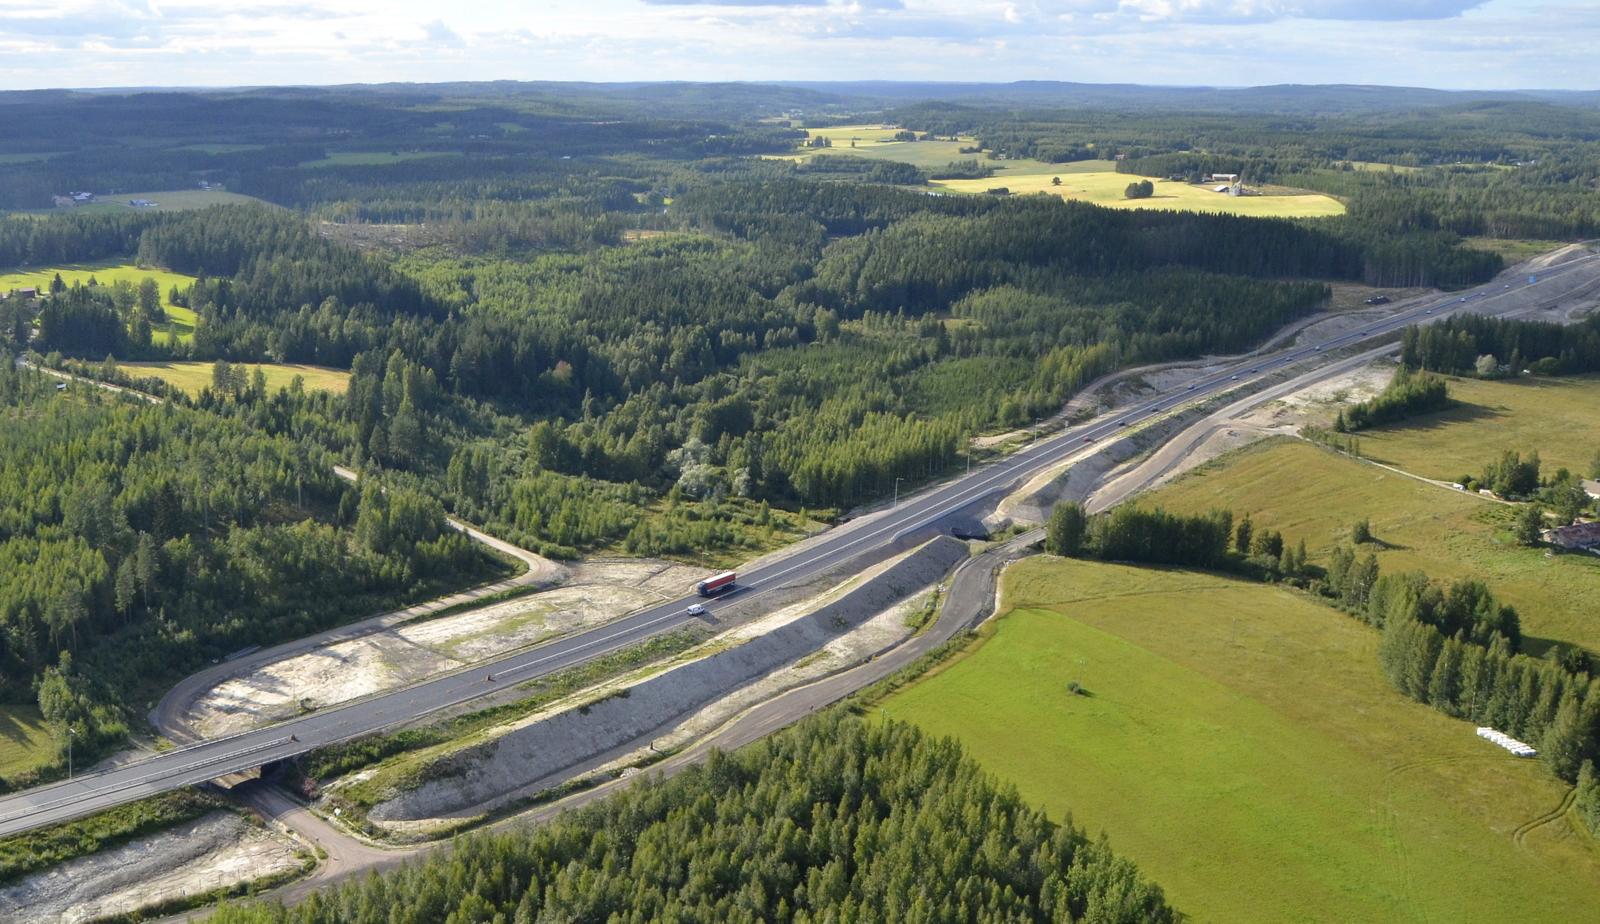 Kuorrejoen uusi silta ja liittymä ovat kokolailla valmiit.